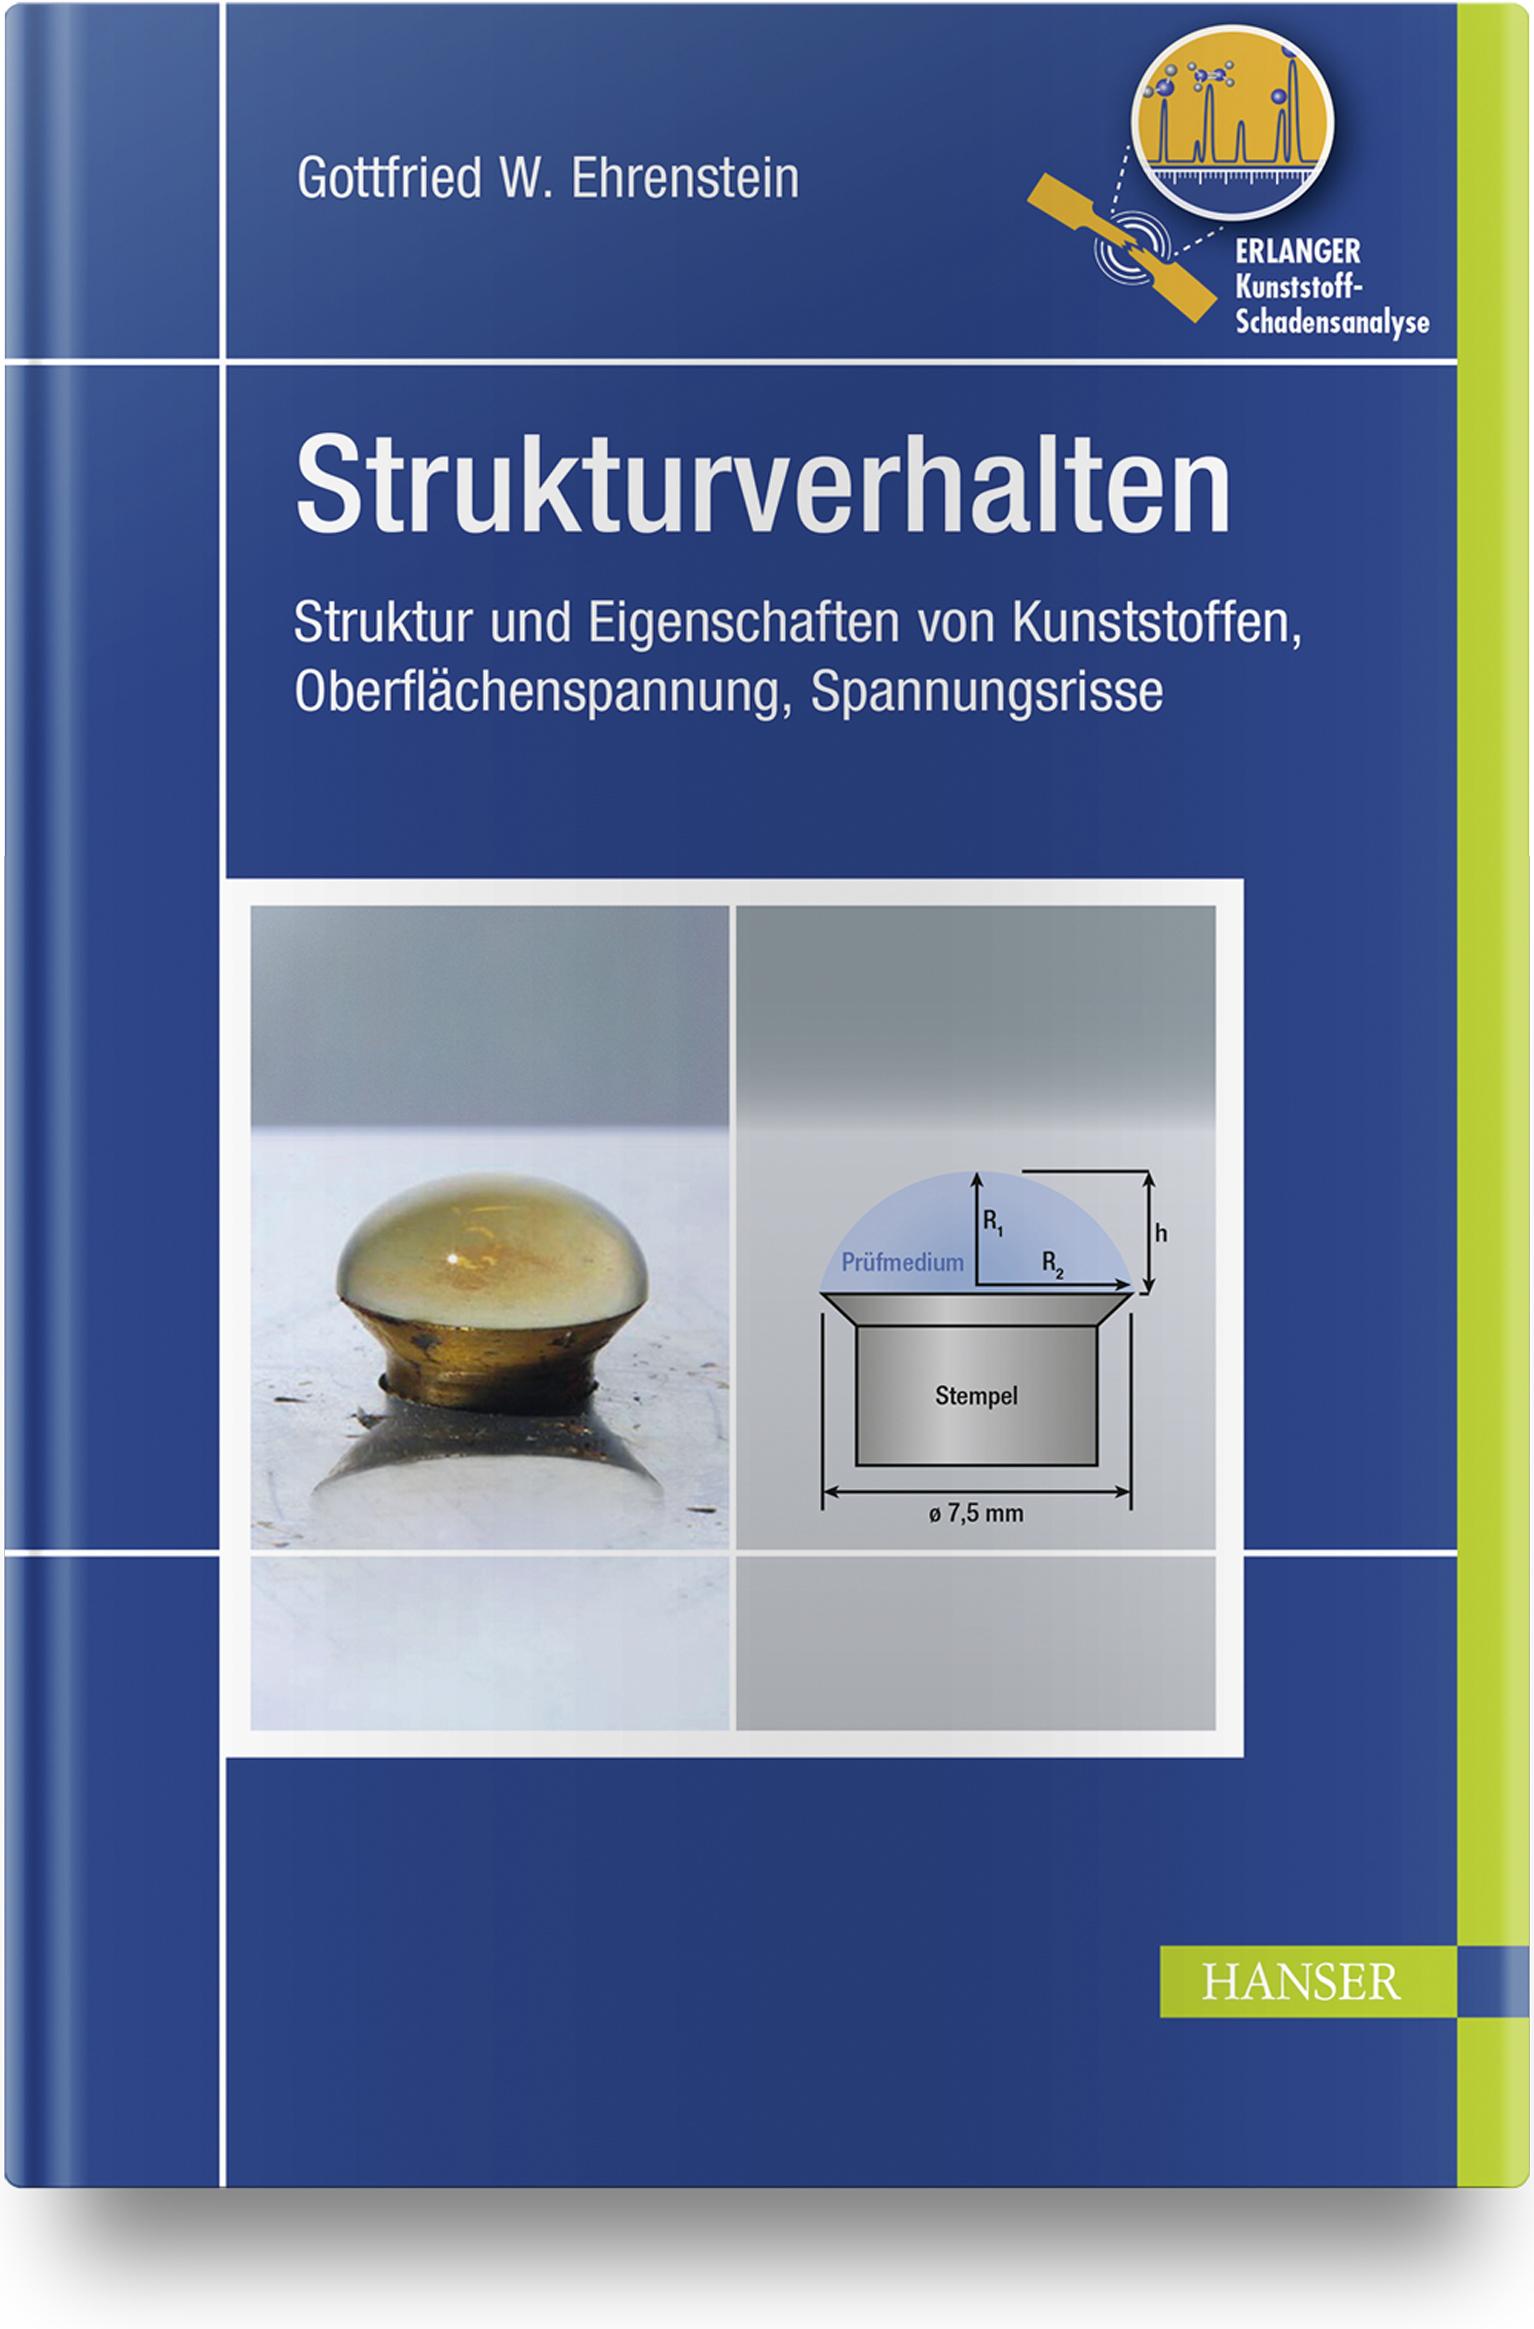 Ehrenstein, Strukturverhalten, 978-3-446-46703-3